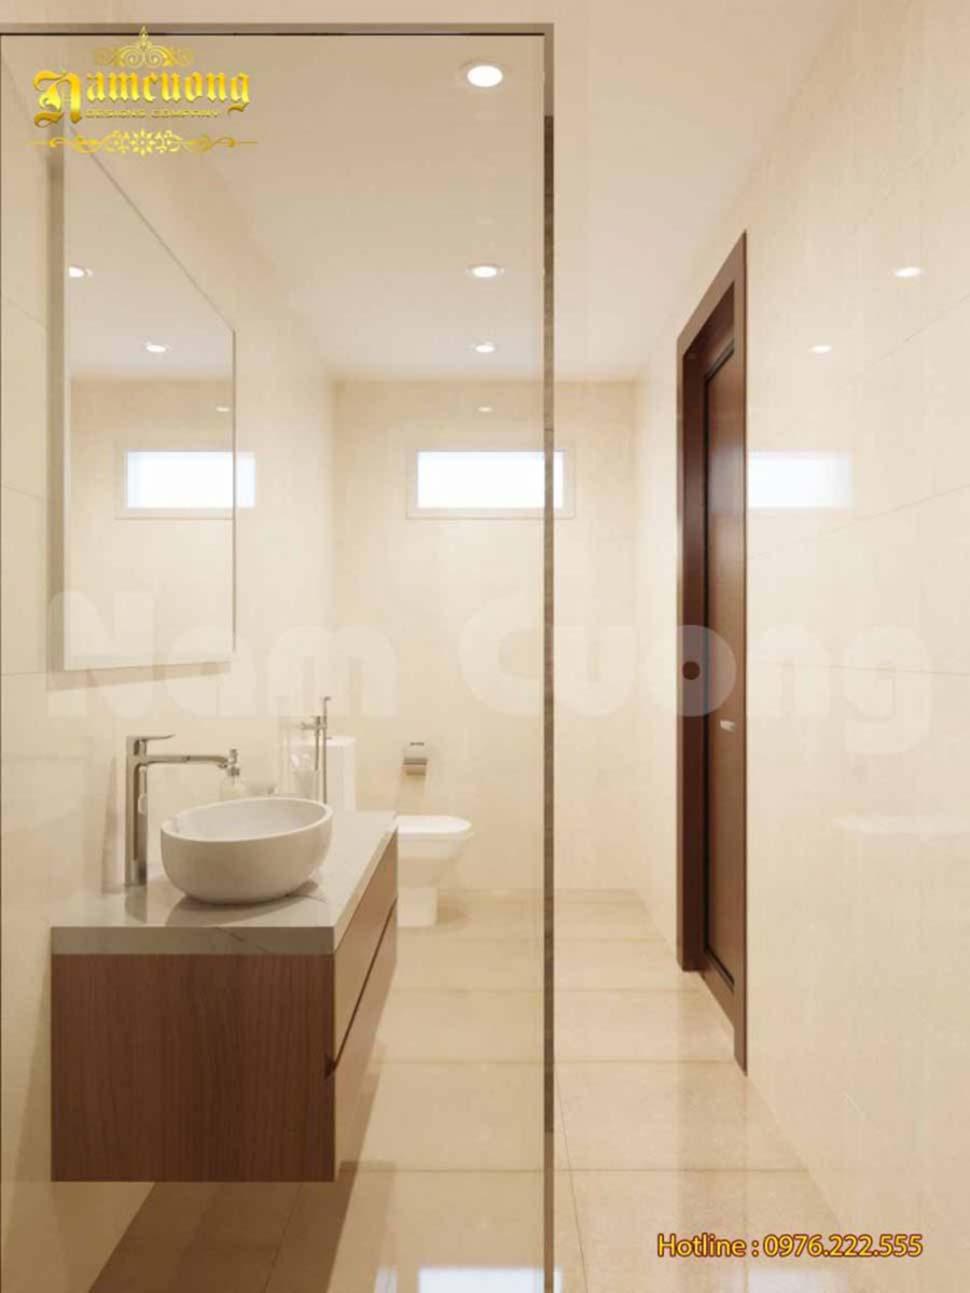 Nội thất phòng WC sang trọng khép kín